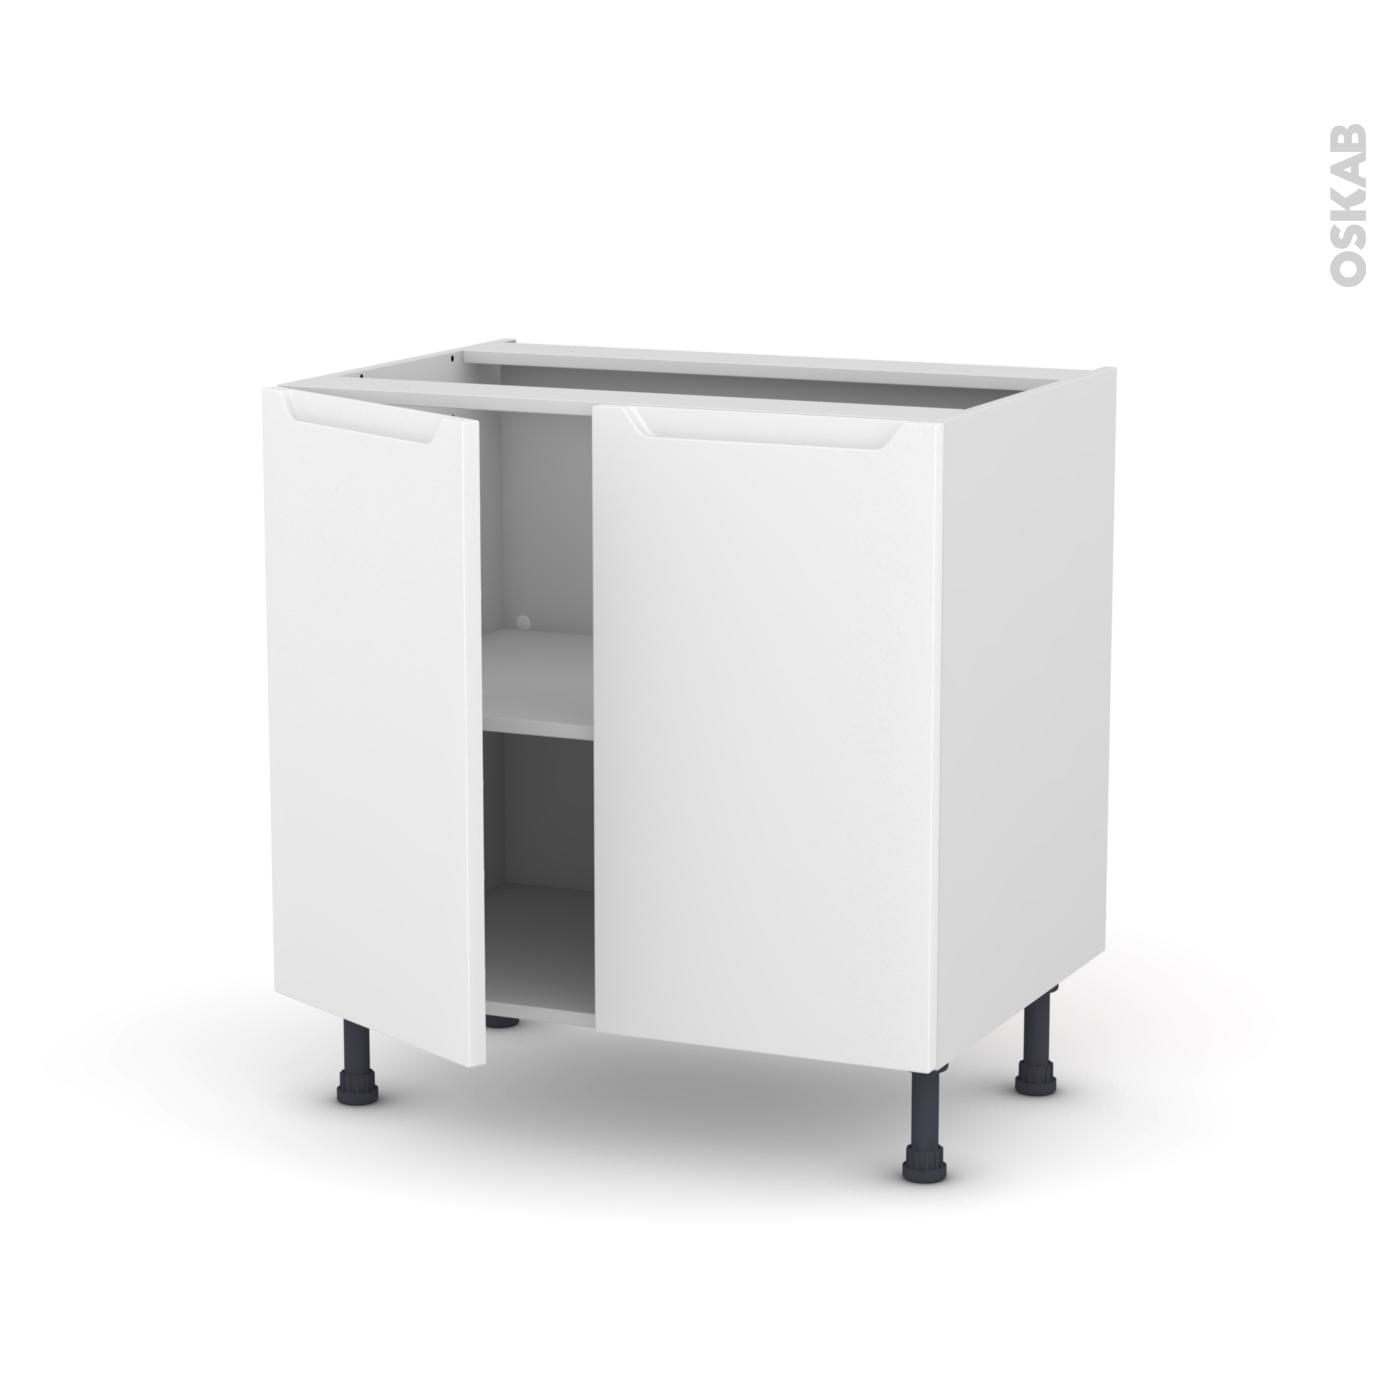 Meuble De Cuisine Sous Vier Pima Blanc 2 Portes L80 X H70 X P58  # Tutoriel Fixation Murale Meuble